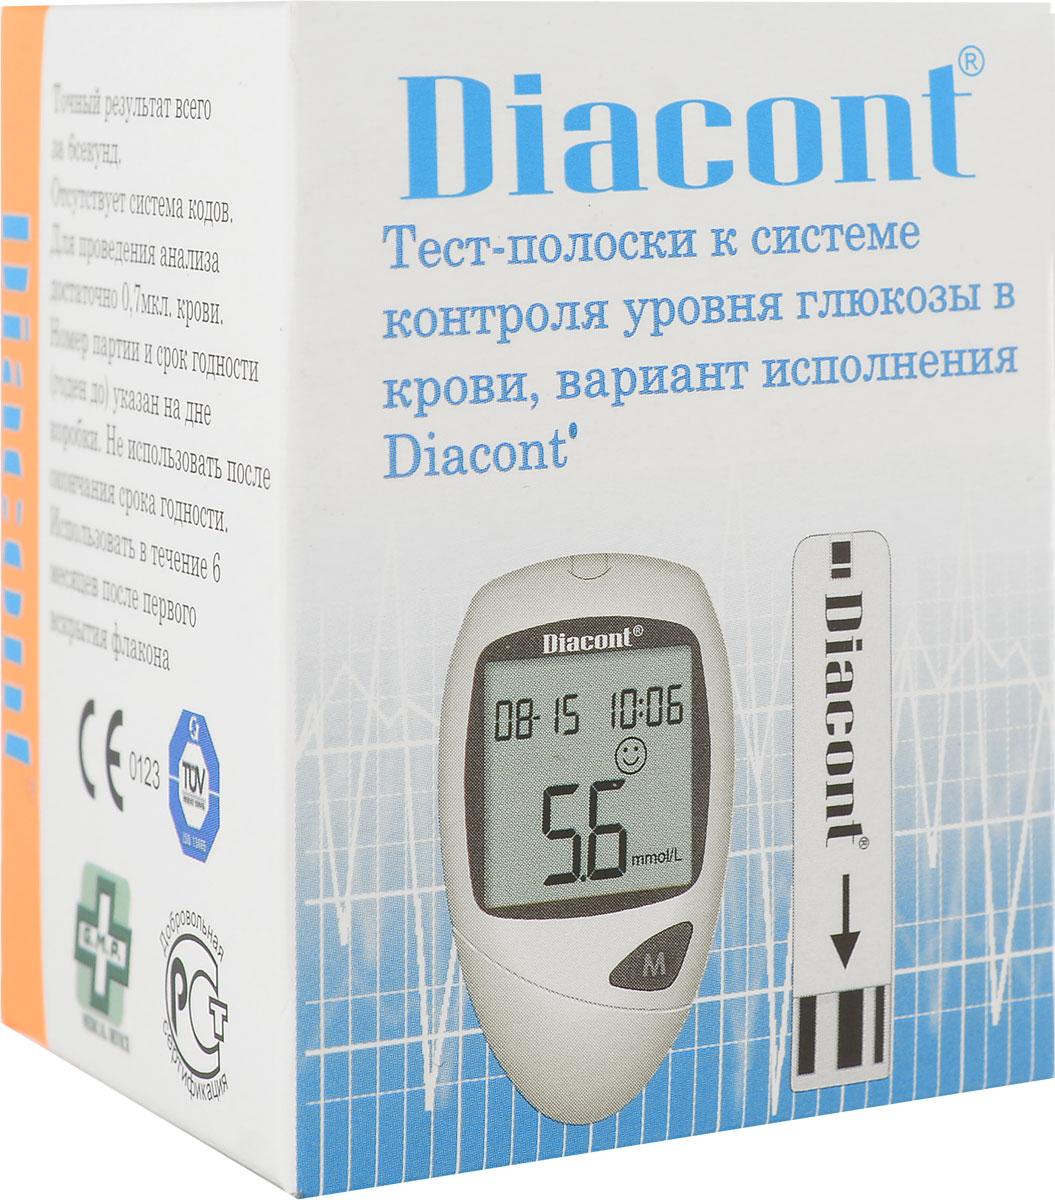 Тест-полоски к системе контроля уровня глюкозы в крови Diacont,  50 шт